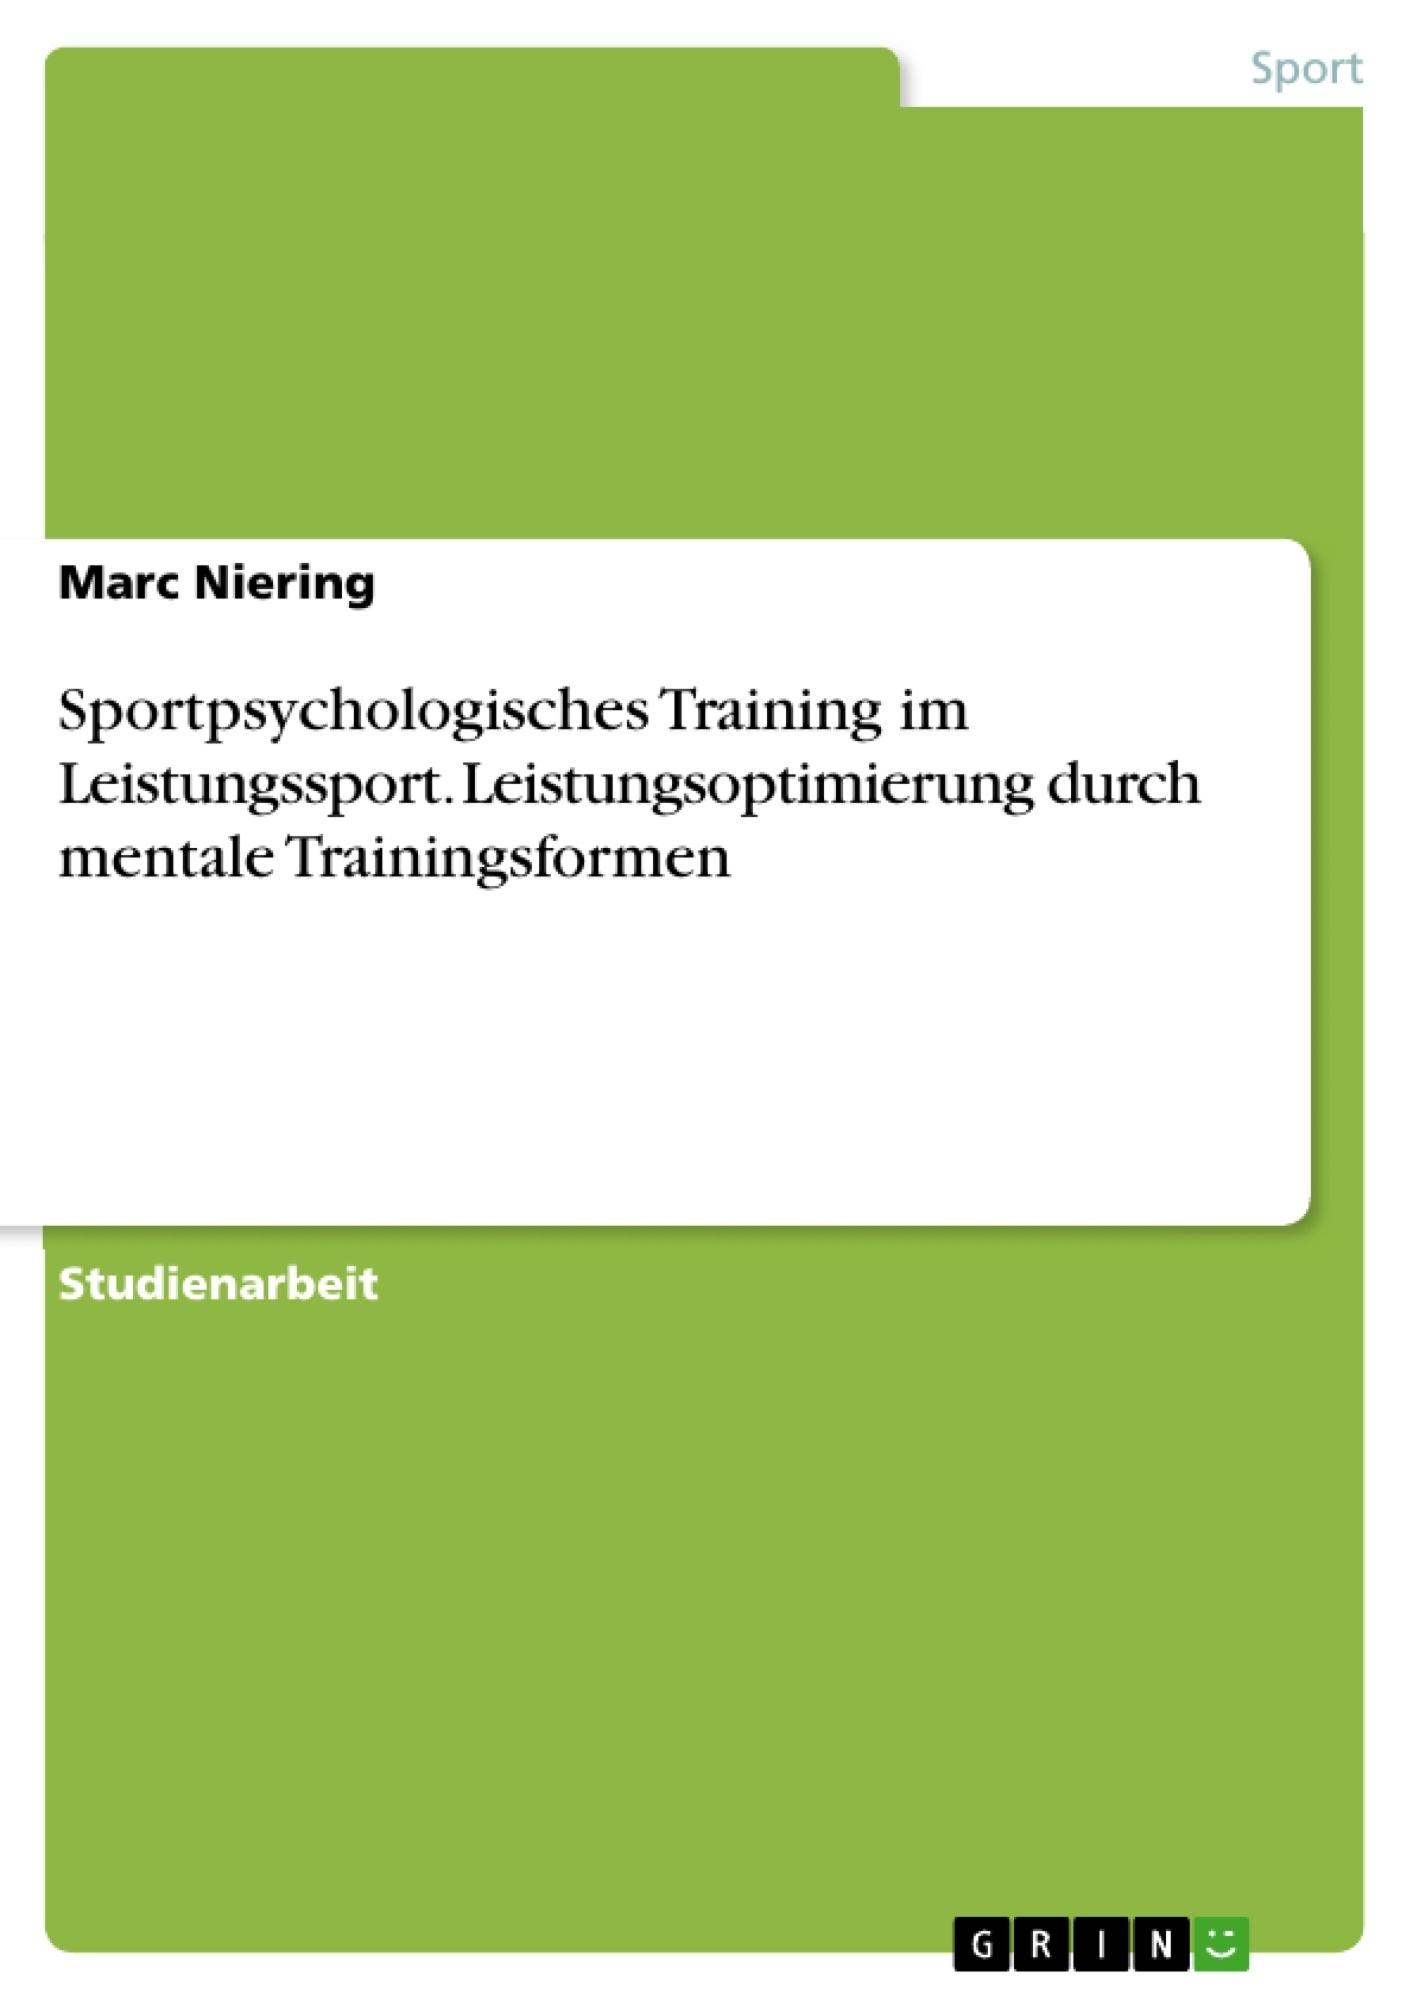 Titel: Sportpsychologisches Training im Leistungssport. Leistungsoptimierung durch mentale Trainingsformen